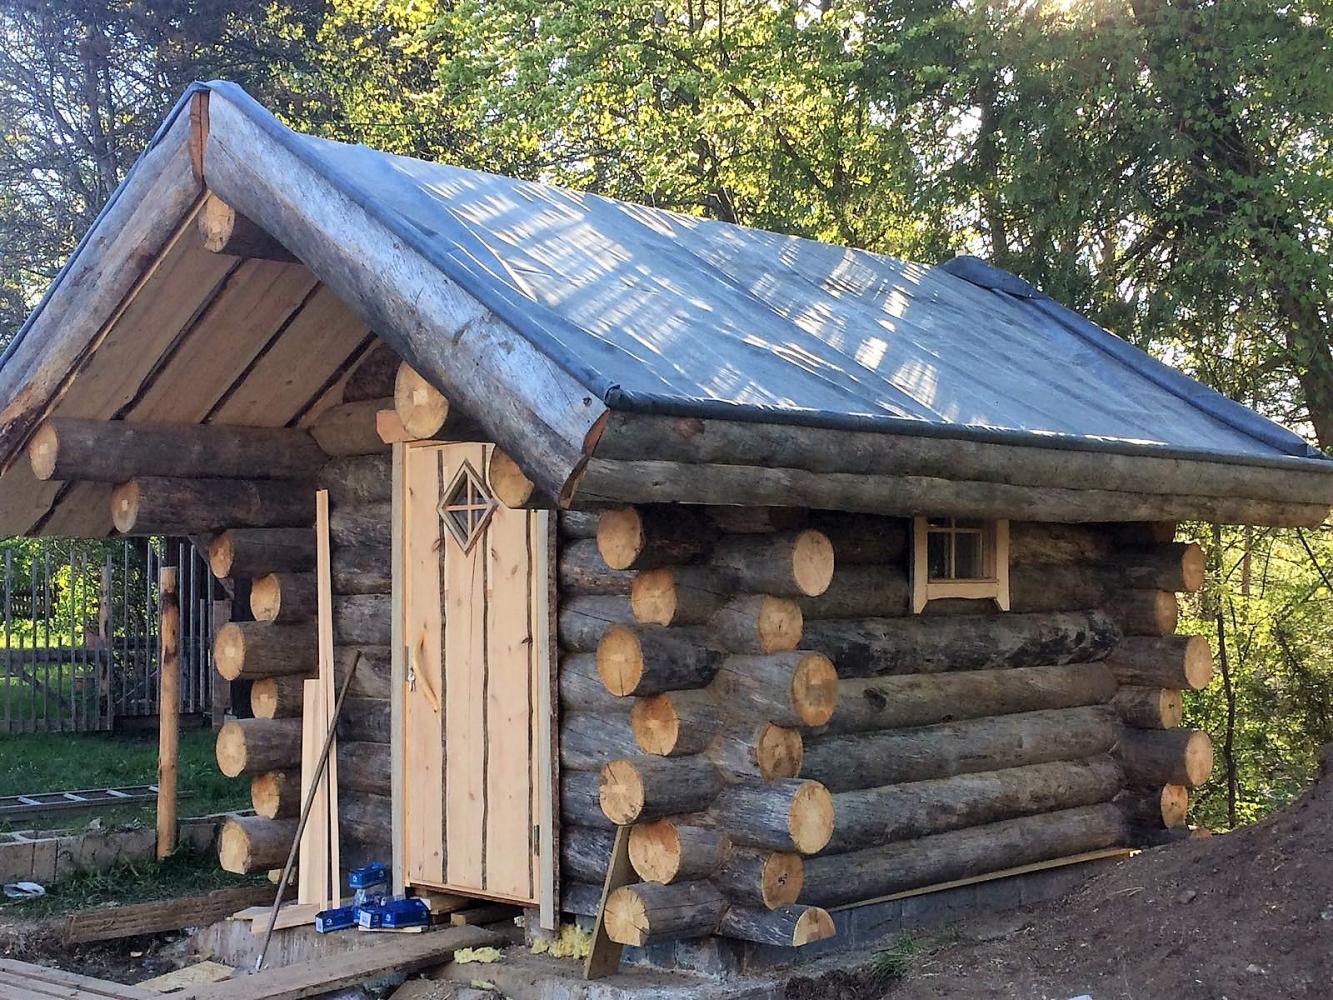 Zelf Tuinhuis Bouwen : Blokhut bouwen blokhut bouwen fresh schuren project schuur